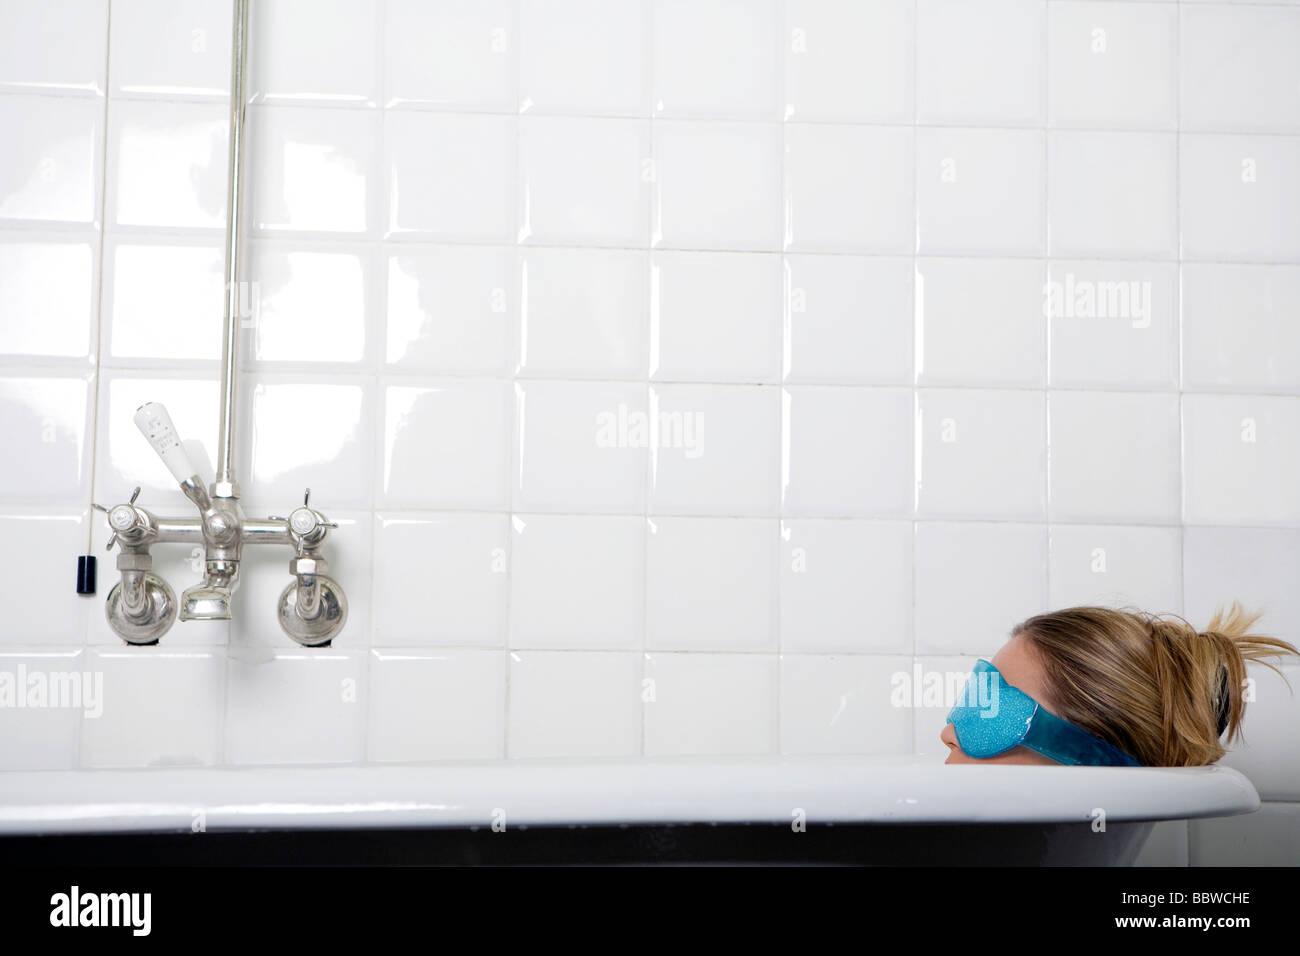 Jeune femme dans une baignoire portant un masque d'oeil Photo Stock